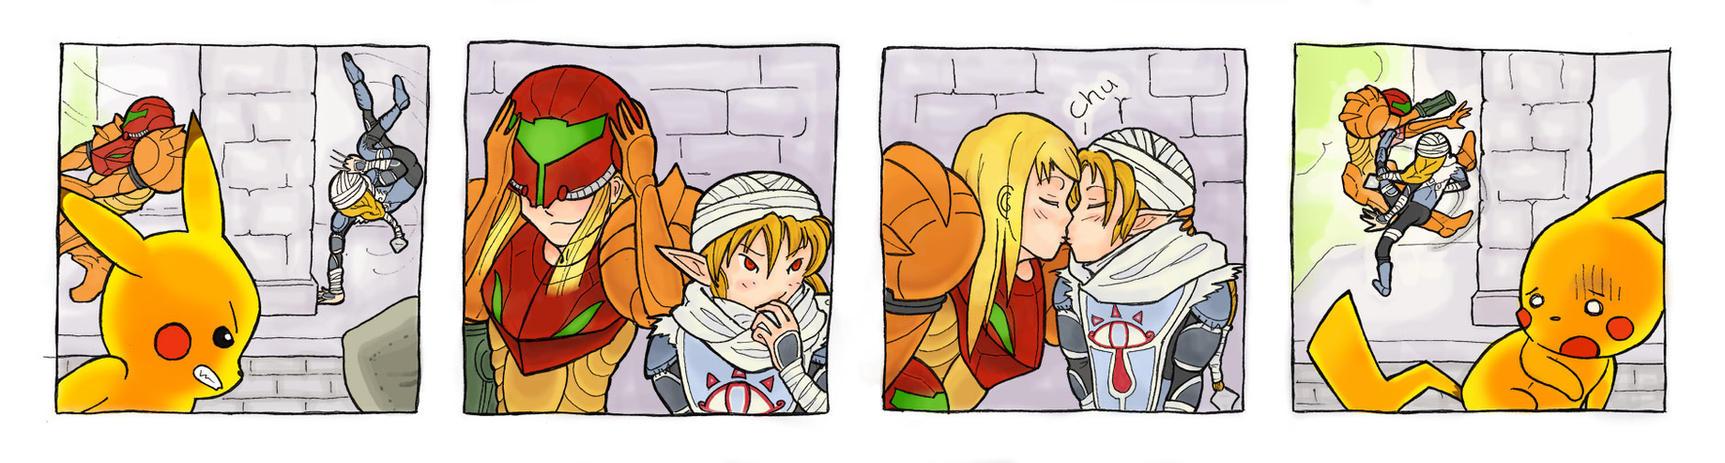 That's tough love, Samus. by tachi09